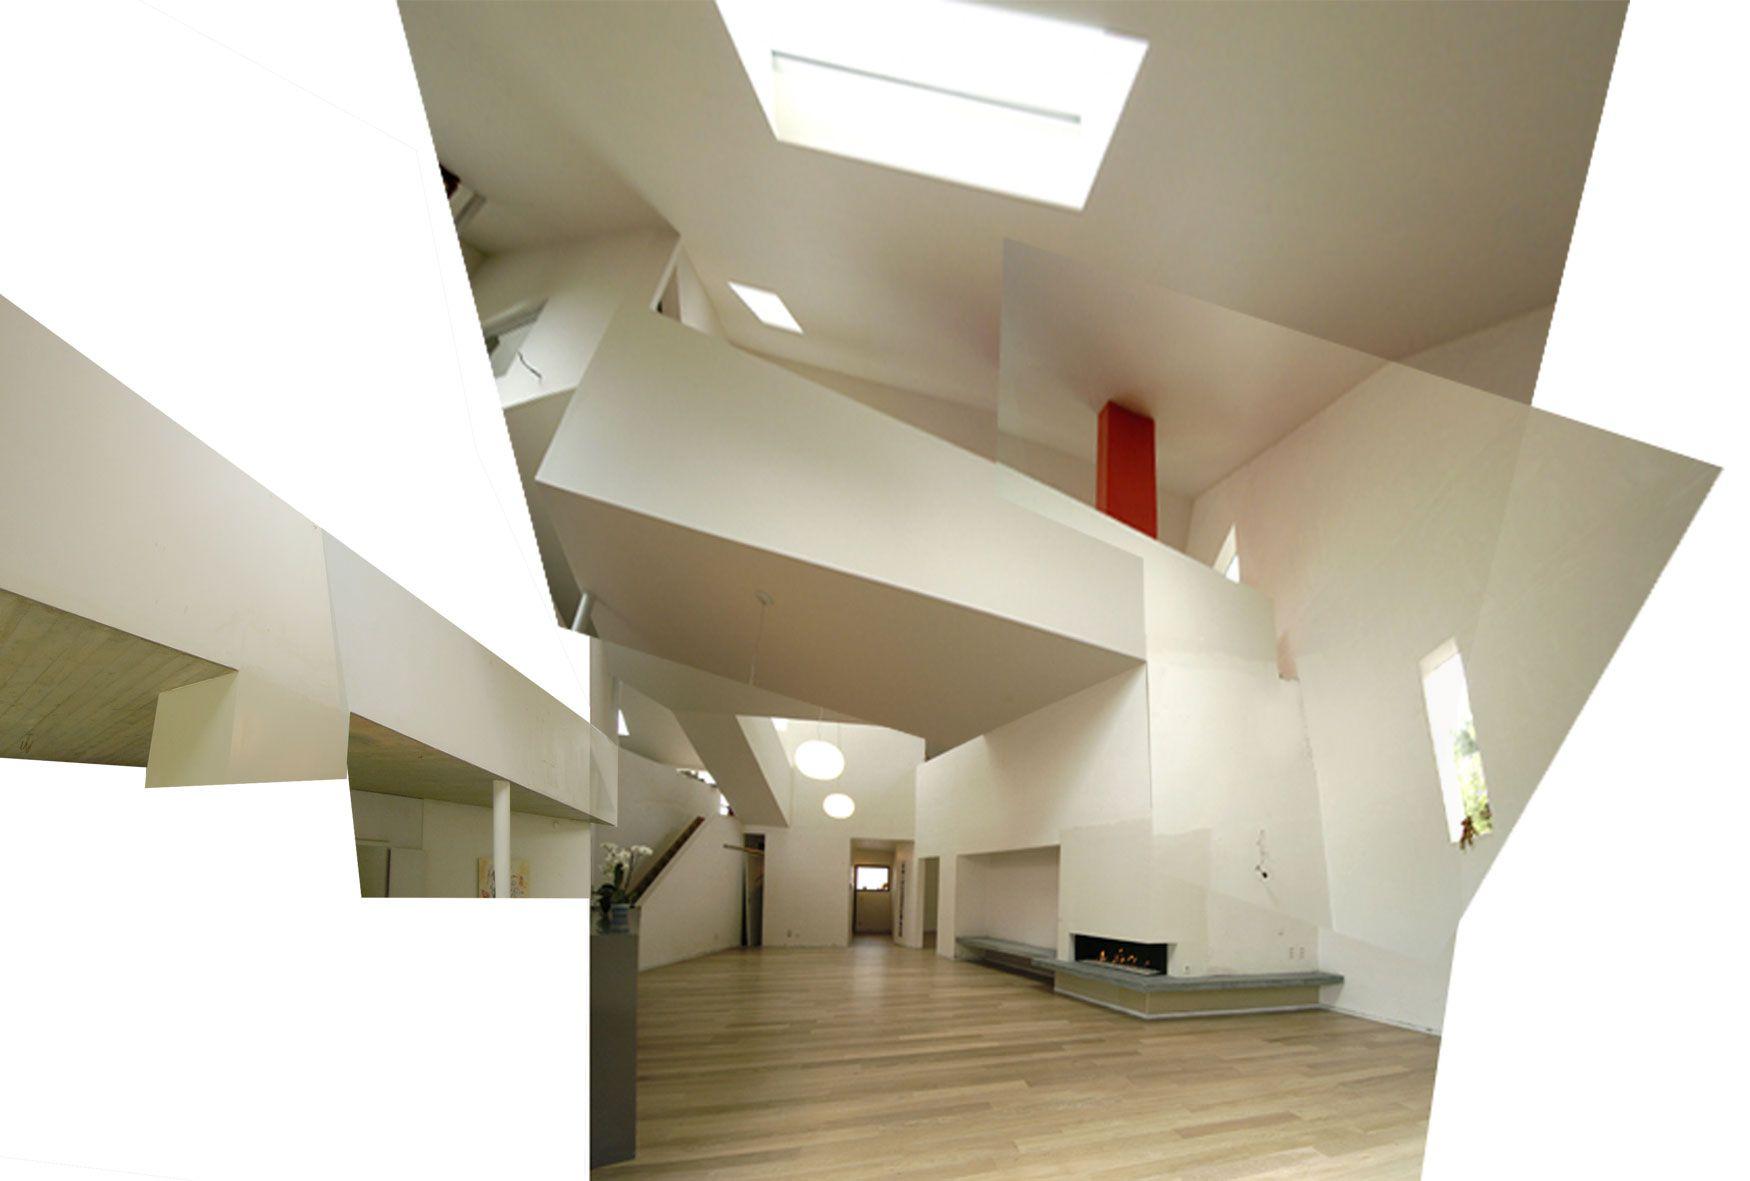 ternat house v bureau vers plus de bien etre inside design ternat house v bureau vers plus de bien etre